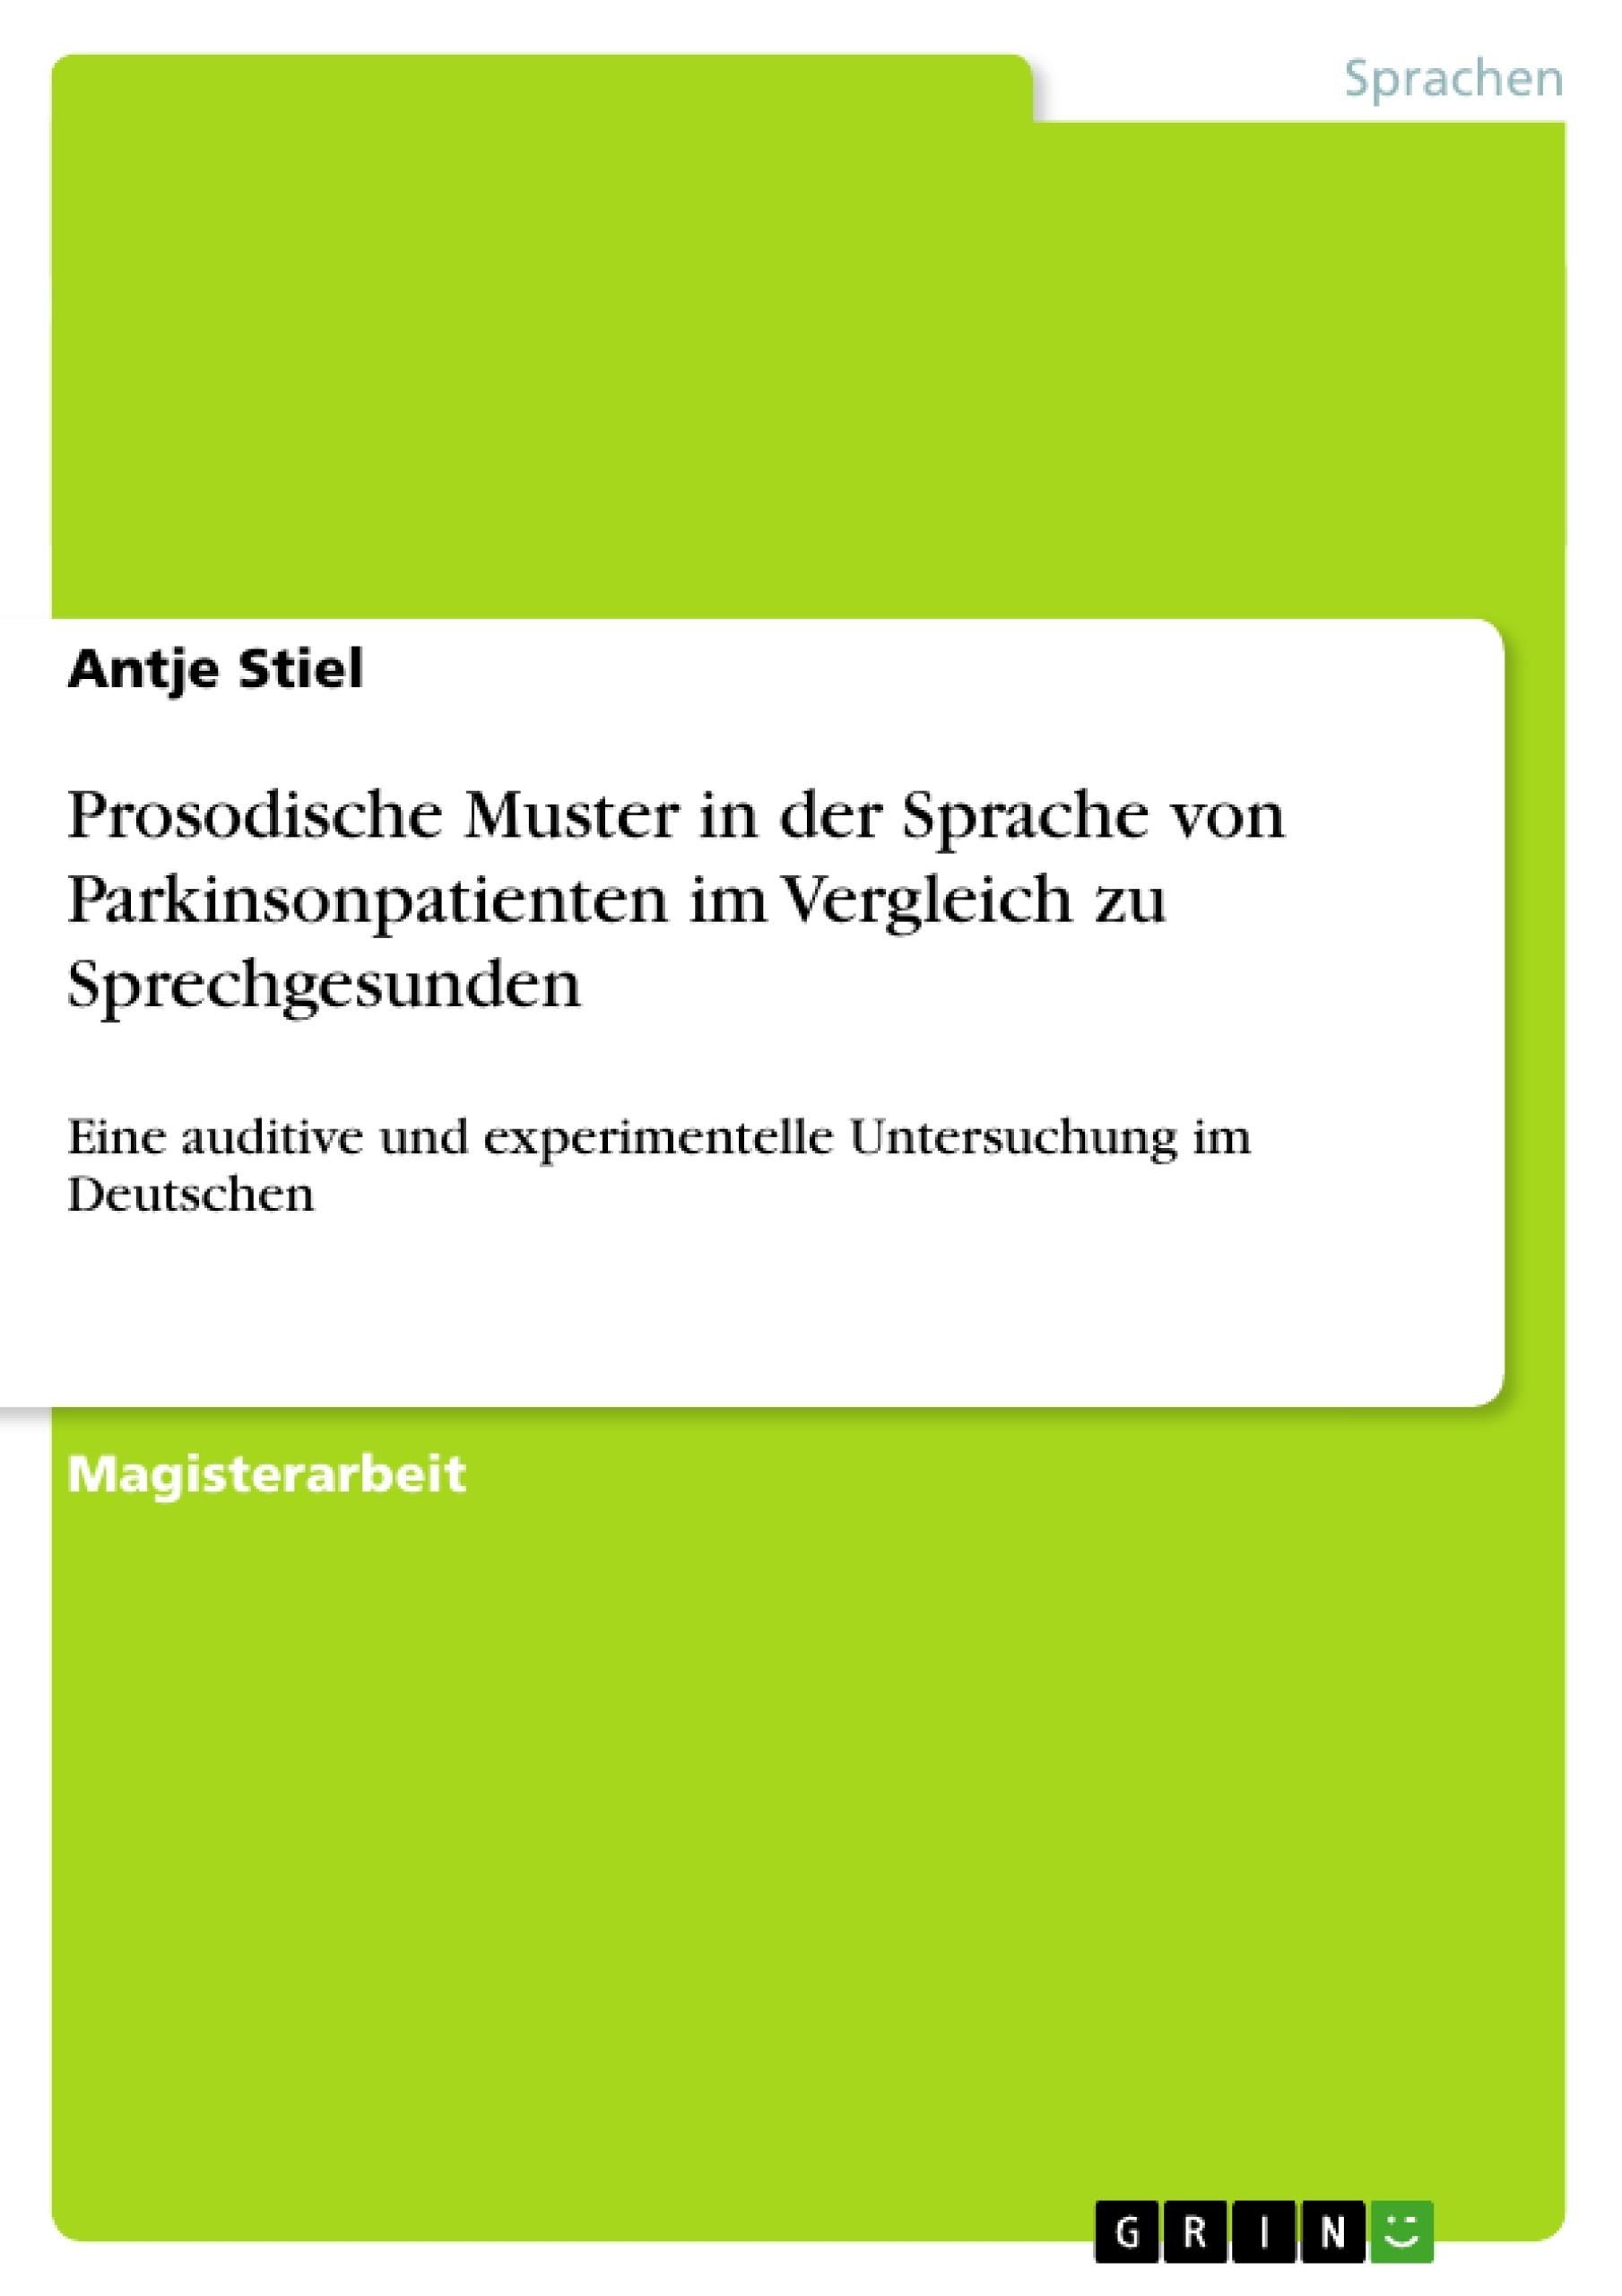 Titel: Prosodische Muster in der Sprache von Parkinsonpatienten im Vergleich zu Sprechgesunden